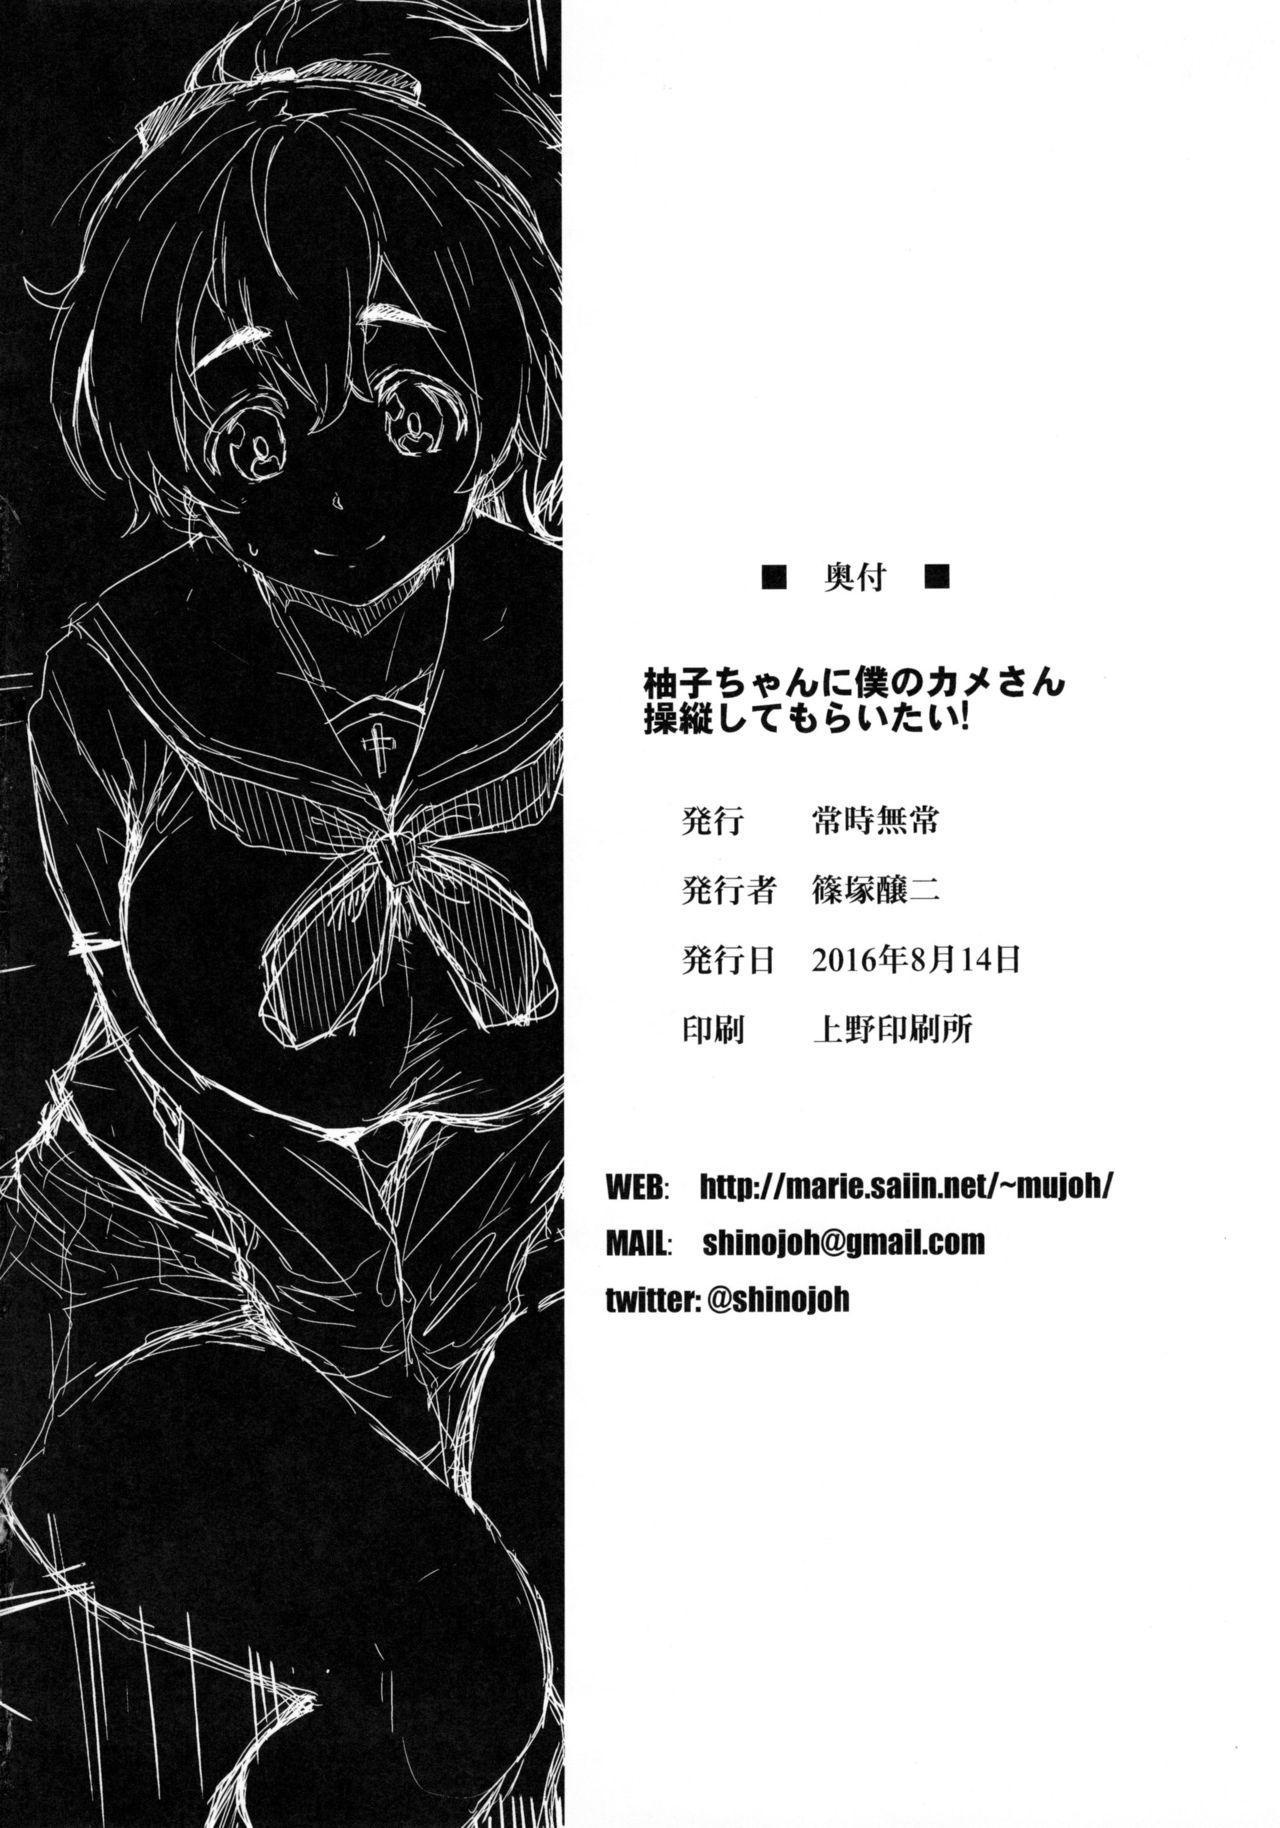 (C90) [Jouji Mujoh (Shinozuka George)] Yuzu-chan ni Boku no Kame-san Soujuu shite moraitai! | I Want Yuzu-chan to Pilot My Turtle! (Girls und Panzer) [English] [Hentai_Doctor] 24